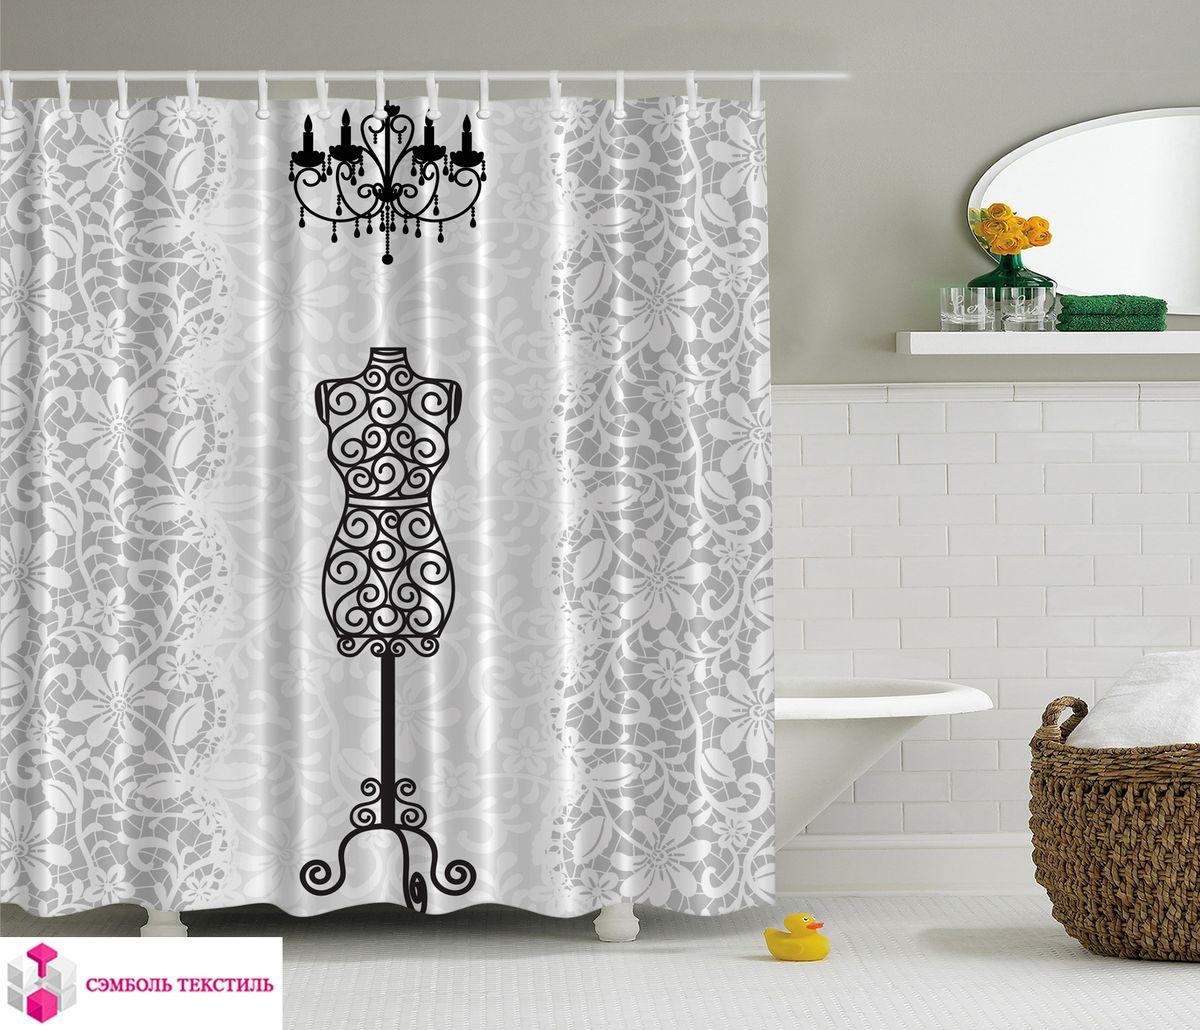 Штора для ванной комнаты Magic Lady Ателье, 180 х 200 смшв_15299Штора Magic Lady Ателье, изготовленная из высококачественного сатена (полиэстер 100%), отлично дополнит любой интерьер ванной комнаты. При изготовлении используются специальные гипоаллергенные чернила для прямой печати по ткани, безопасные для человека.В комплекте: 1 штора, 12 крючков. Обращаем ваше внимание, фактический цвет изделия может незначительно отличаться от представленного на фото.